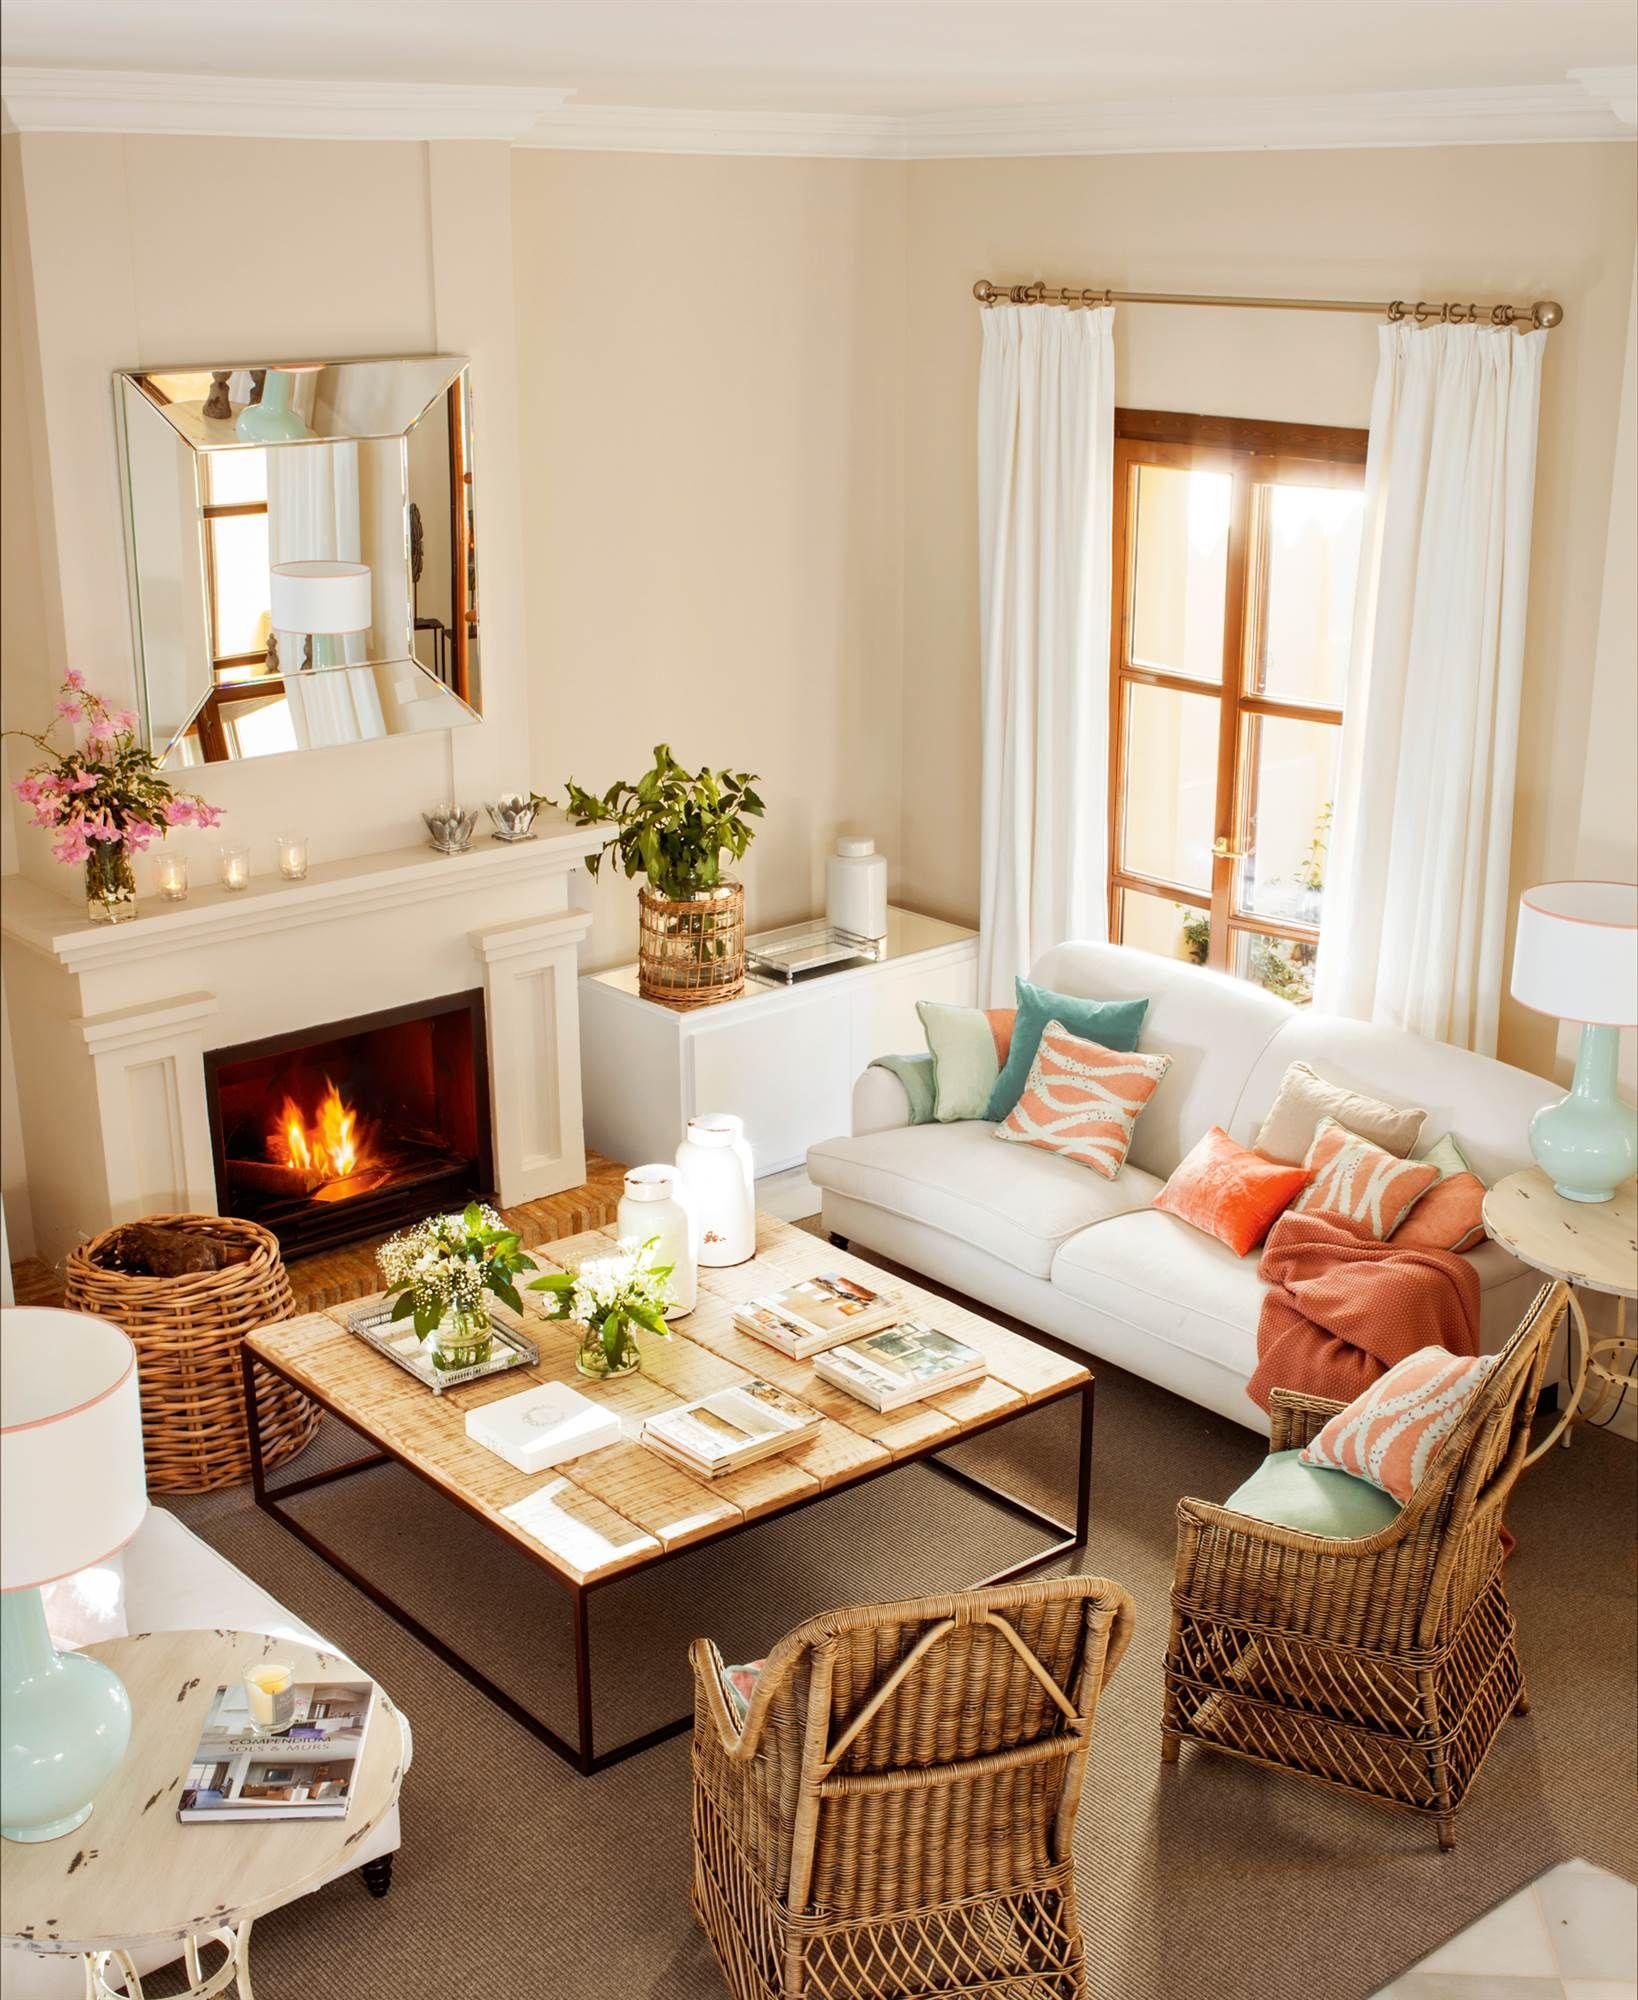 15 salones con chimenea para el invierno - Chimeneas Para Salones